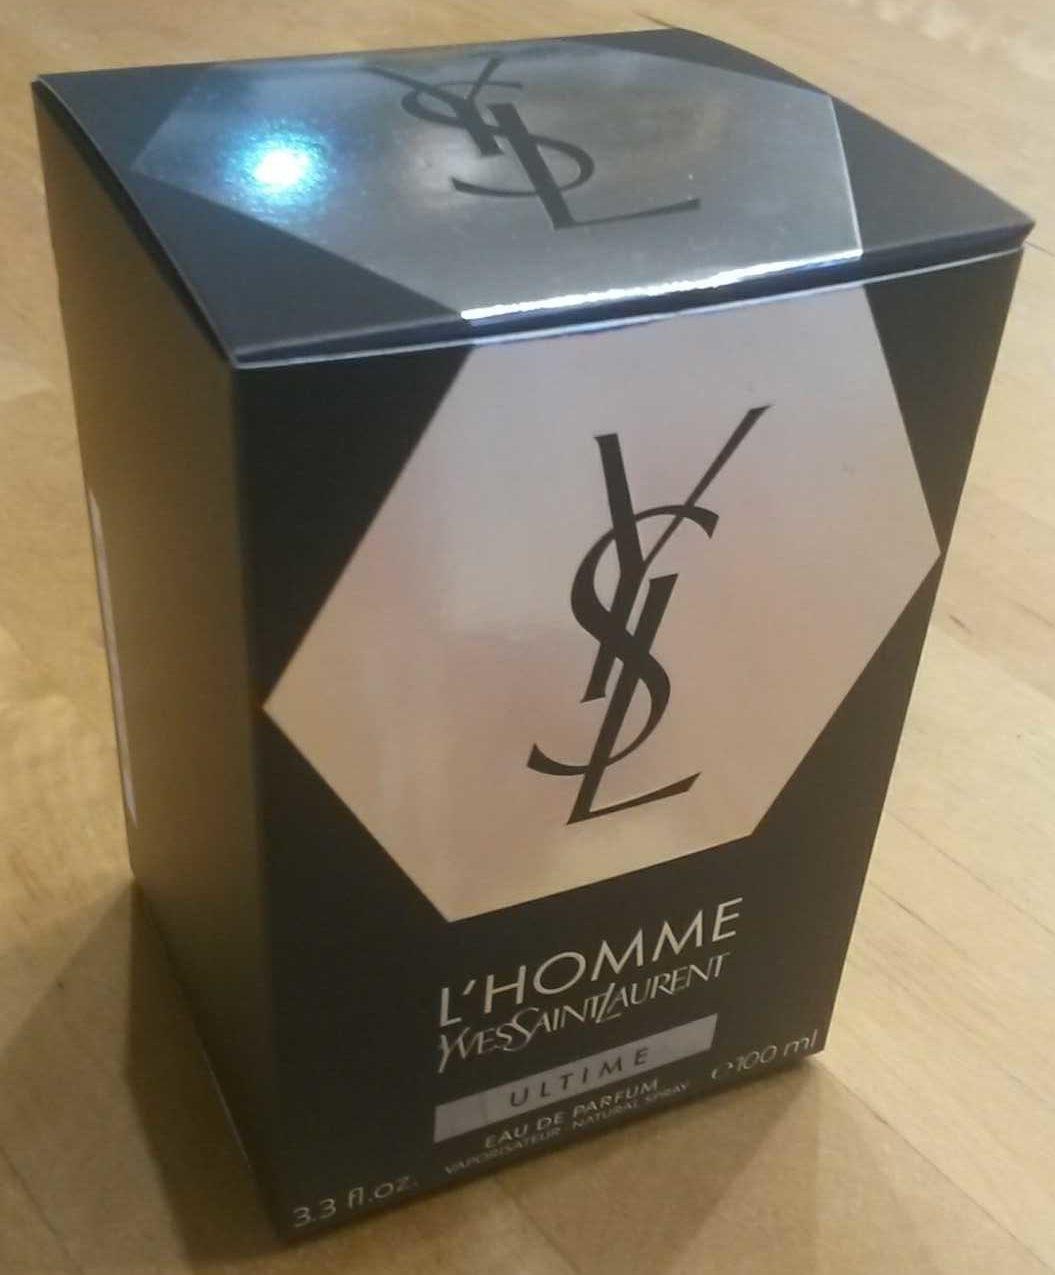 L'Homme ultime eau de parfum - Produit - fr